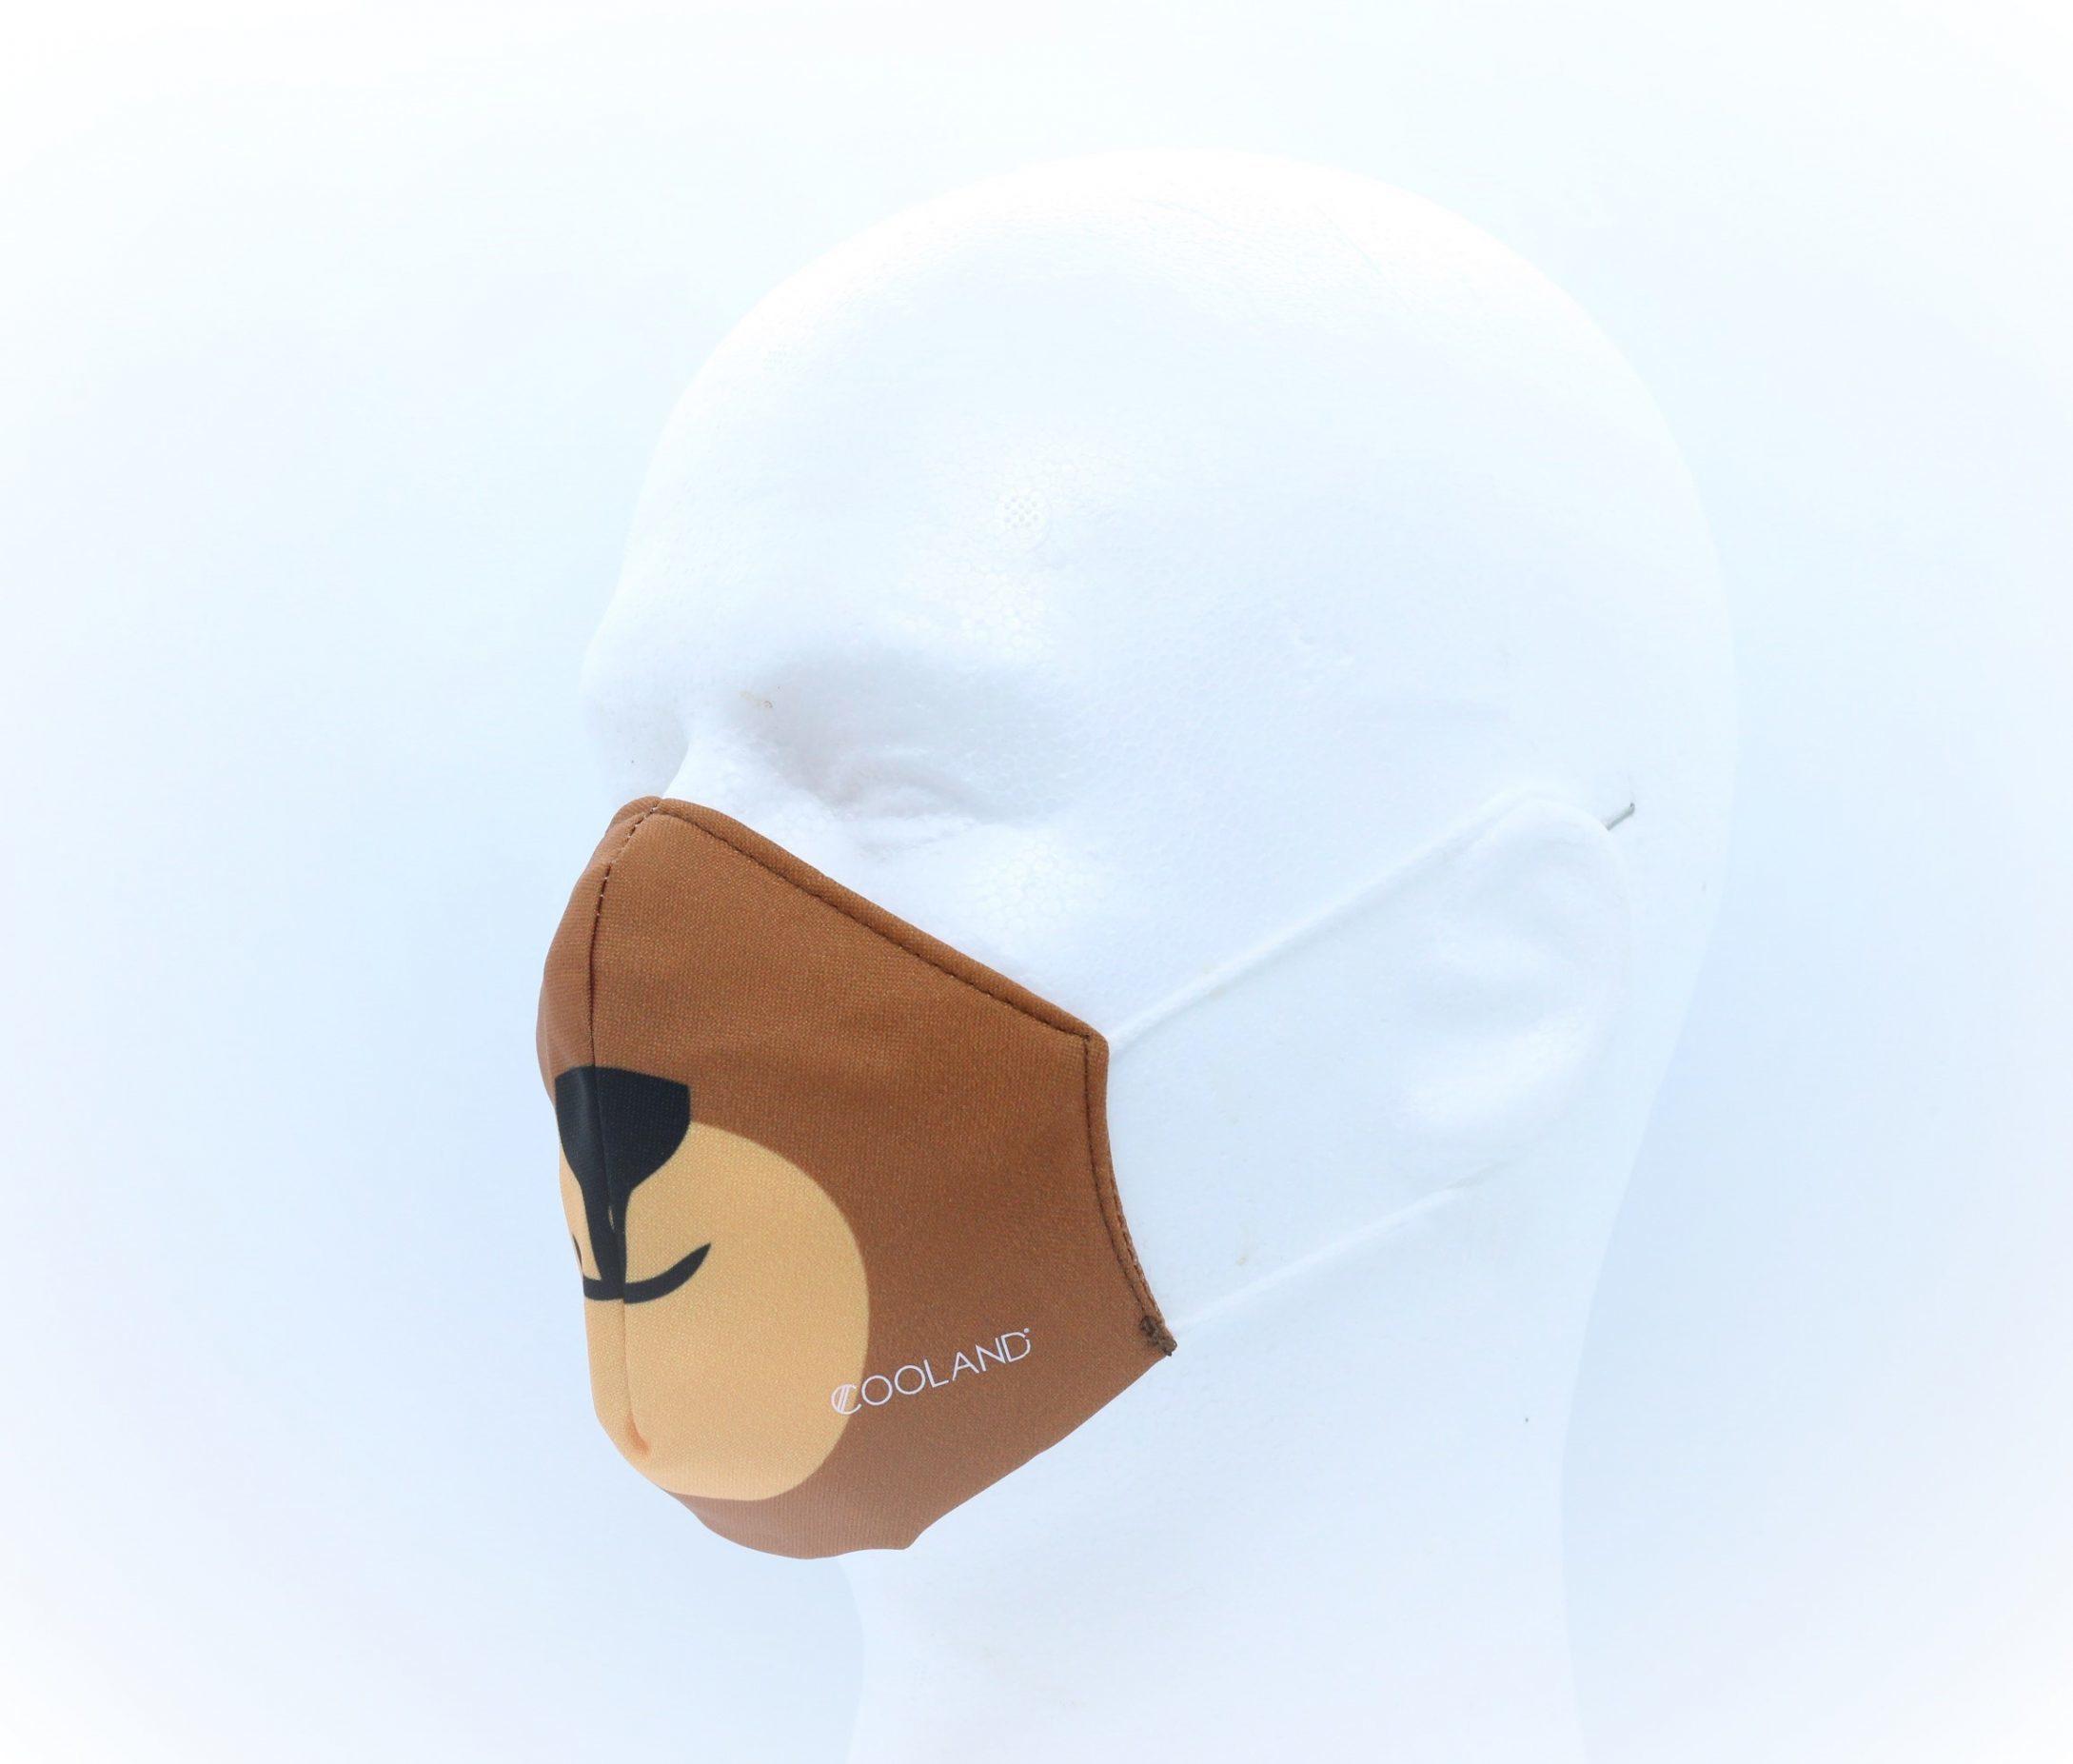 máscaras sociais